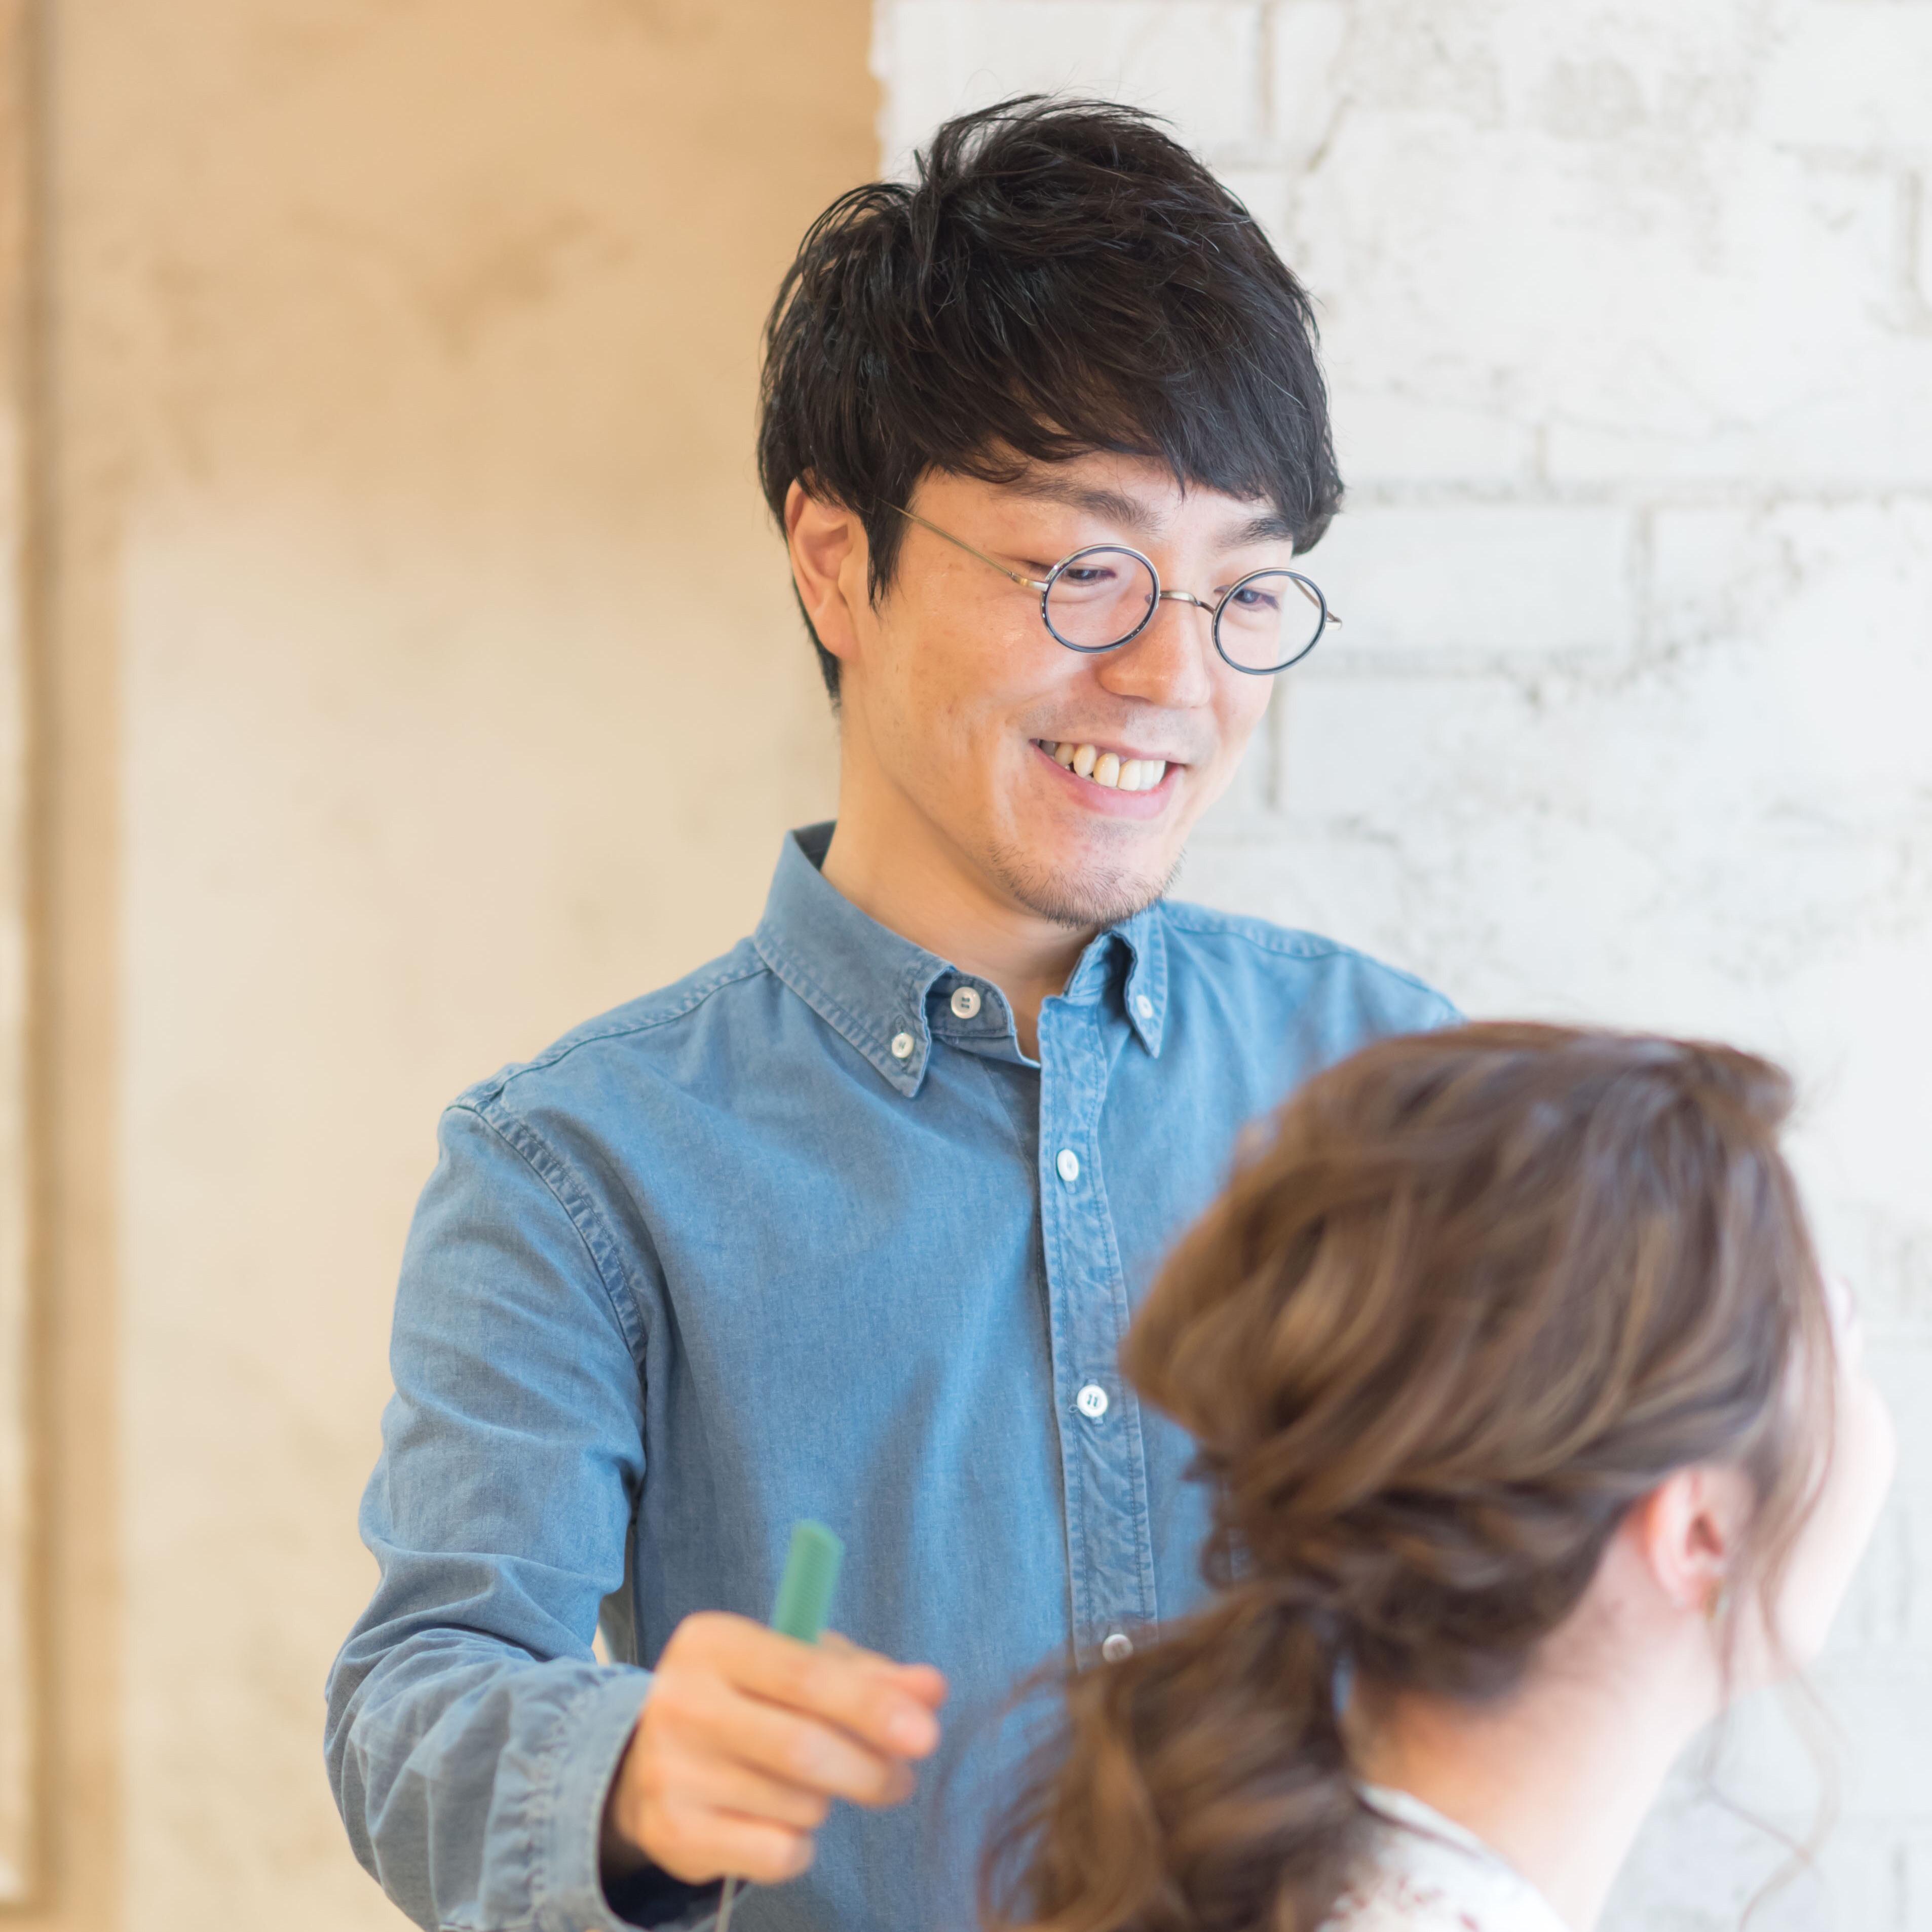 谷本将太 nalu hair